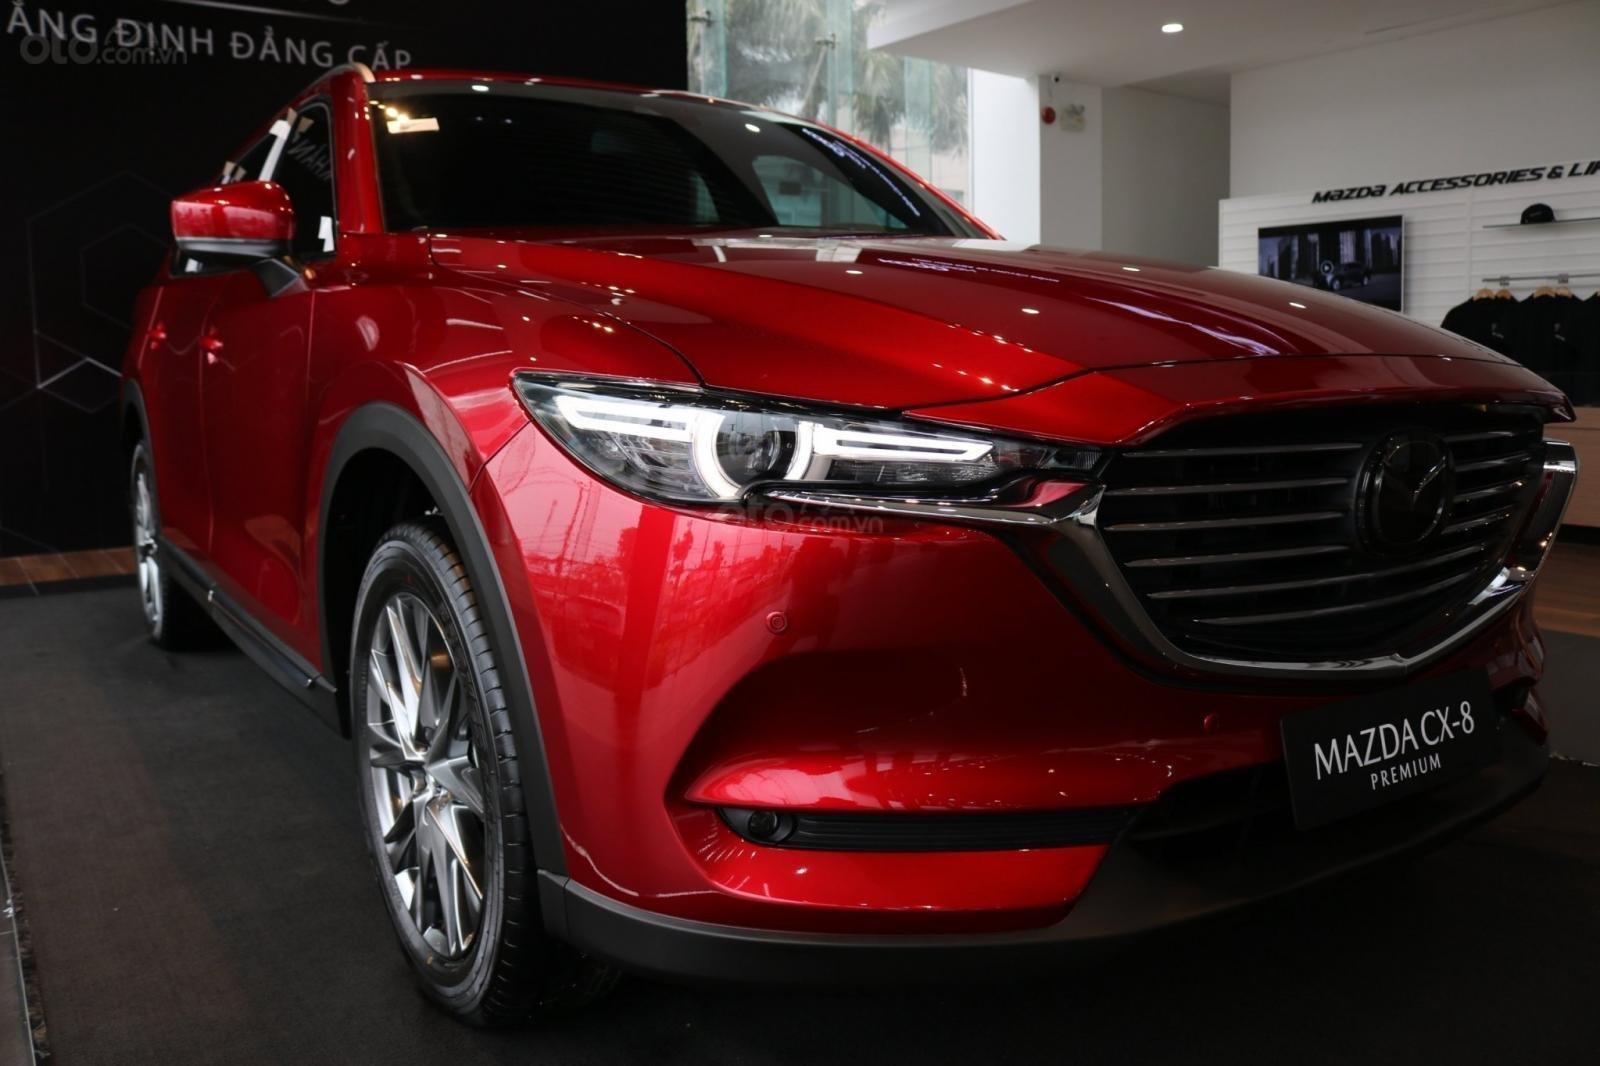 Mazda CX8 2.5 Luxury 2019 ưu đãi giá bán 40 triệu đồng (5)